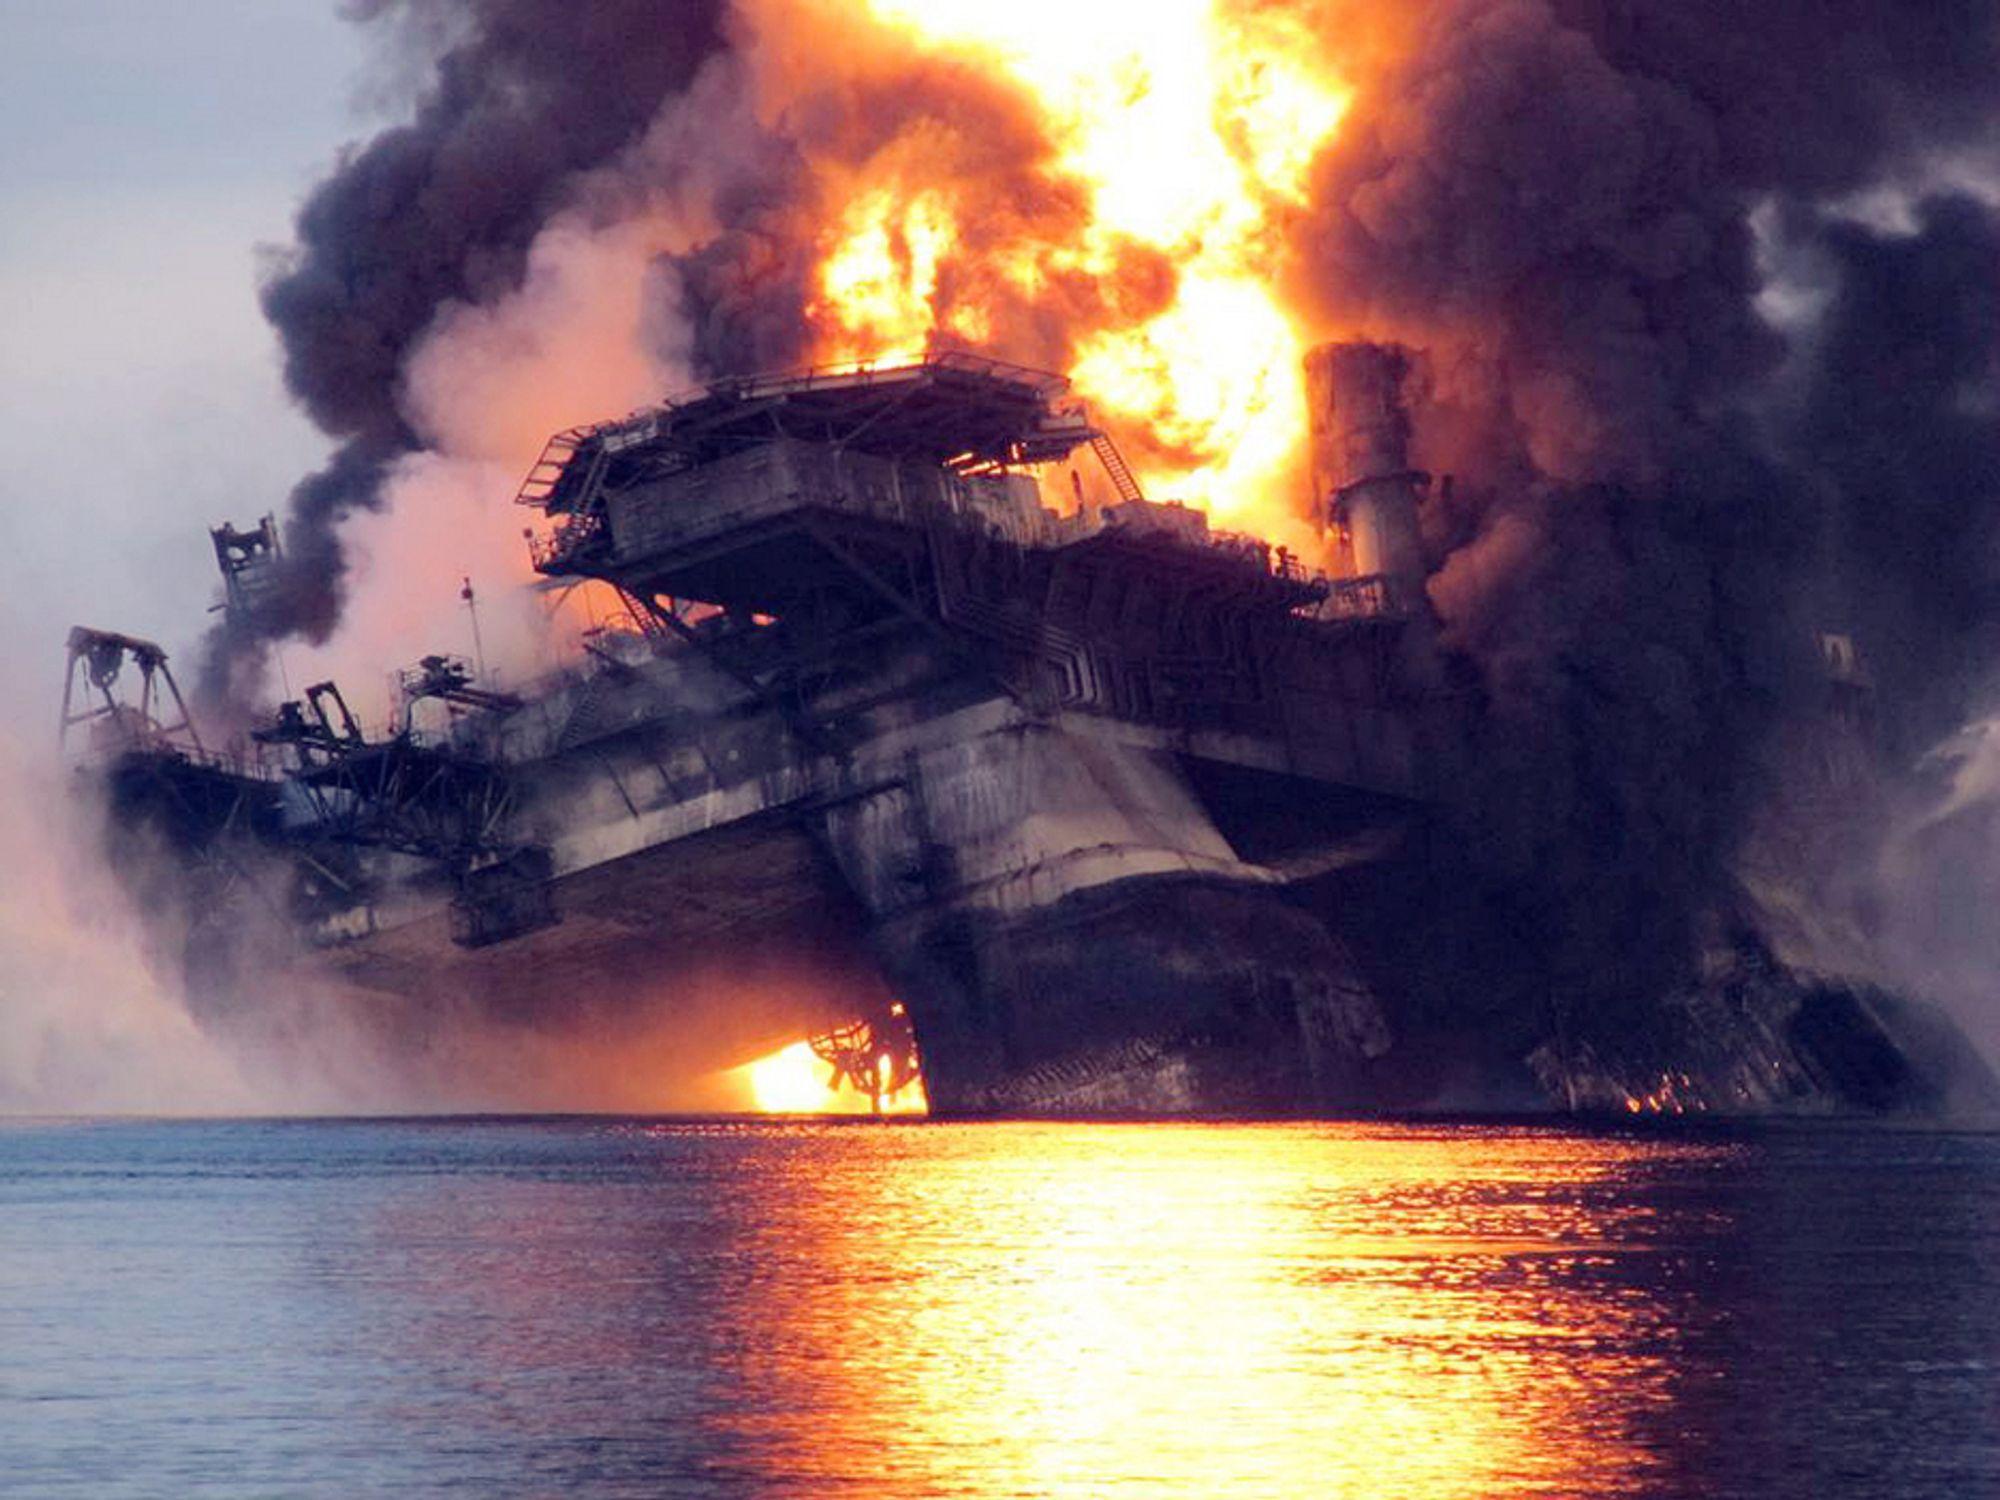 KUNNE VÆRT UNNGÅTT: Verken industrien eller regjeringen var forberedt på en ulykke av den skala som Deepwater Horizon var, mener en av Obamas granskere.